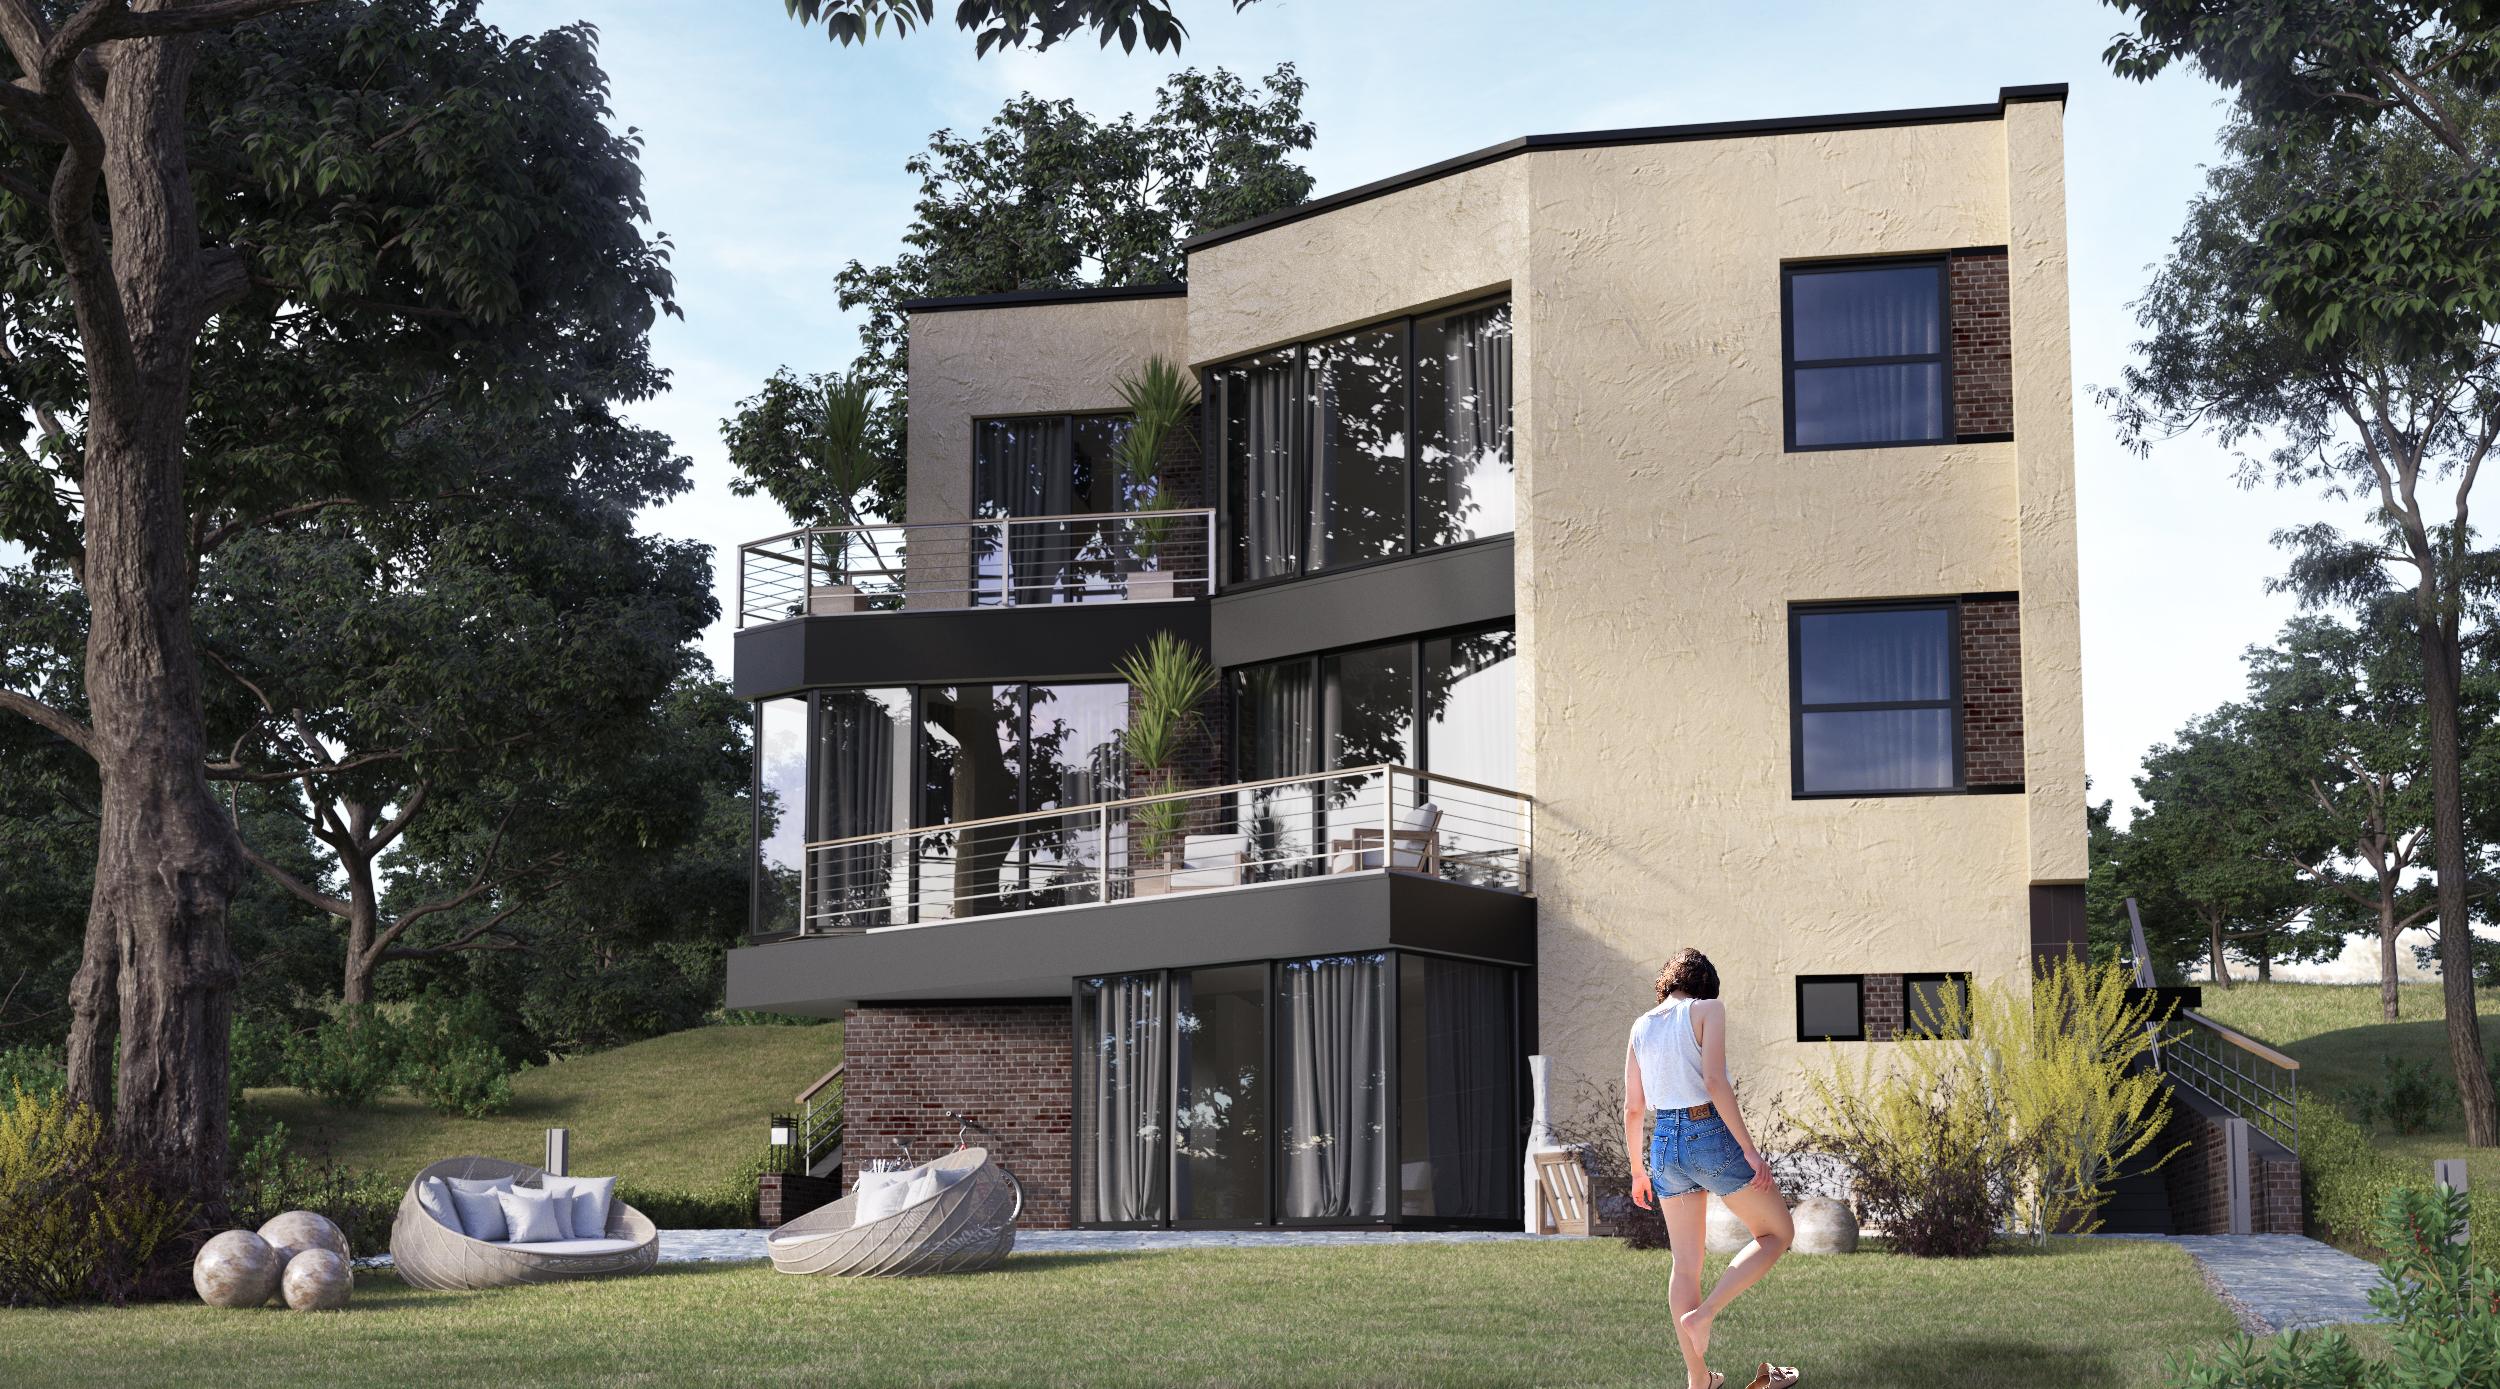 Вид со стороны двора; Северн - проект дома с плоской кровлей и террасами на склоне